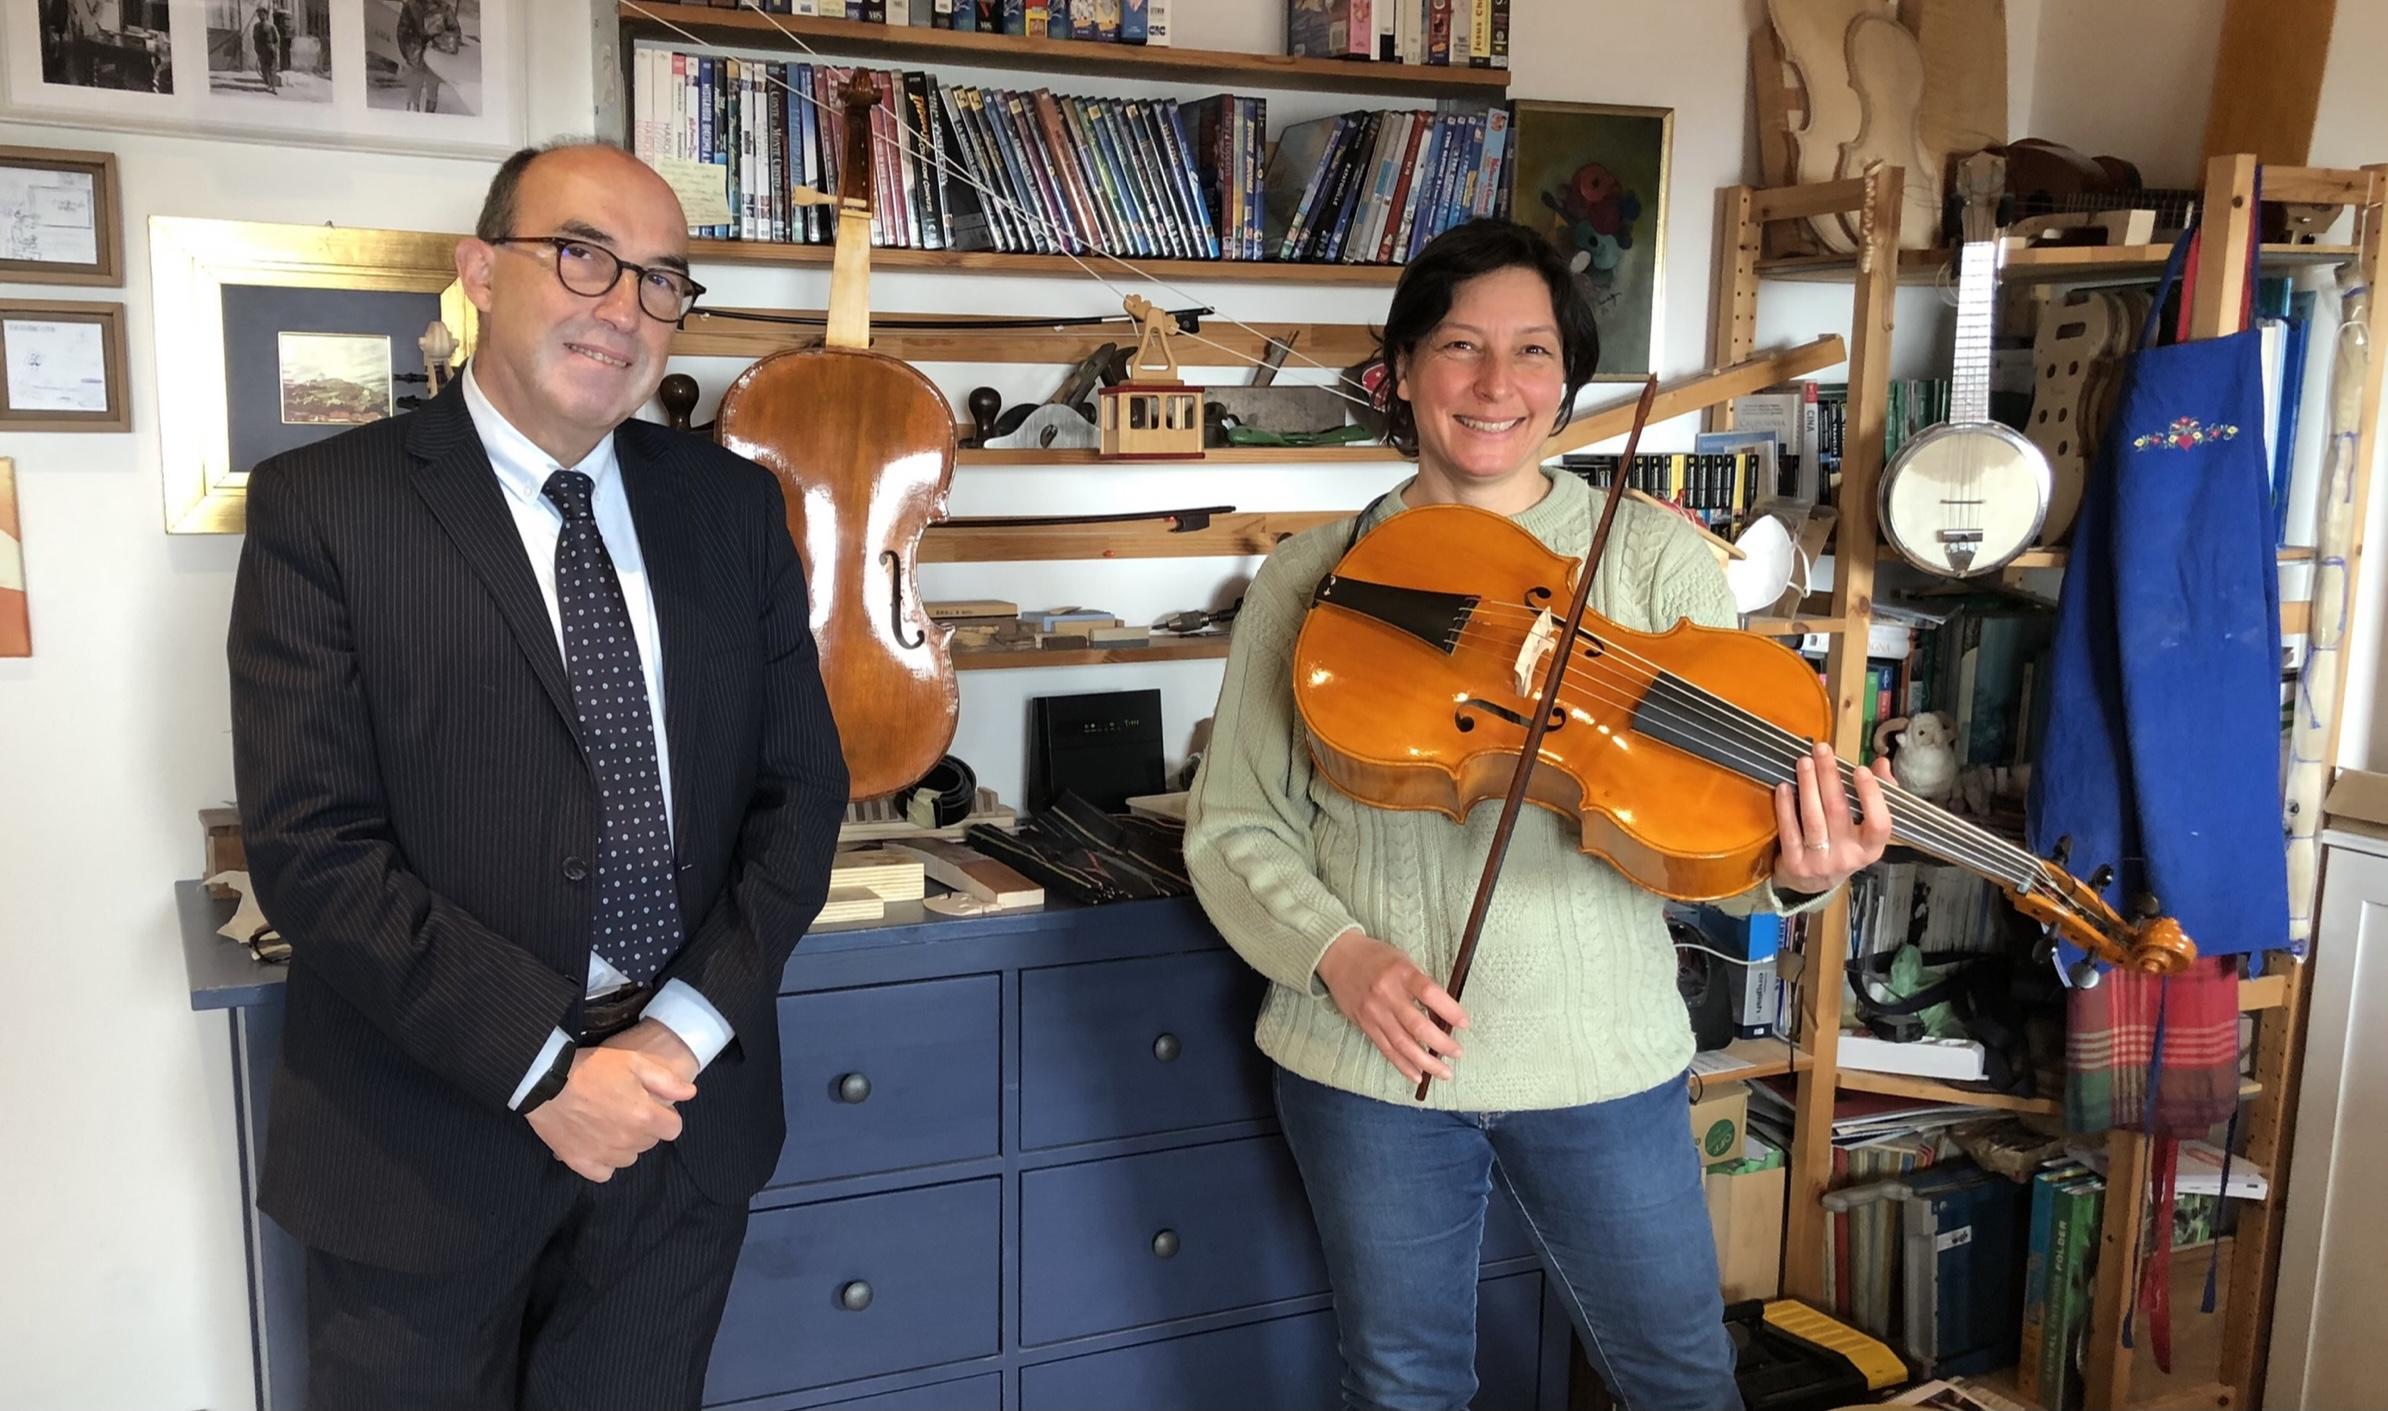 giacomo Fornari e Daniela Gaidano nel laboratorio di visintini gaidano